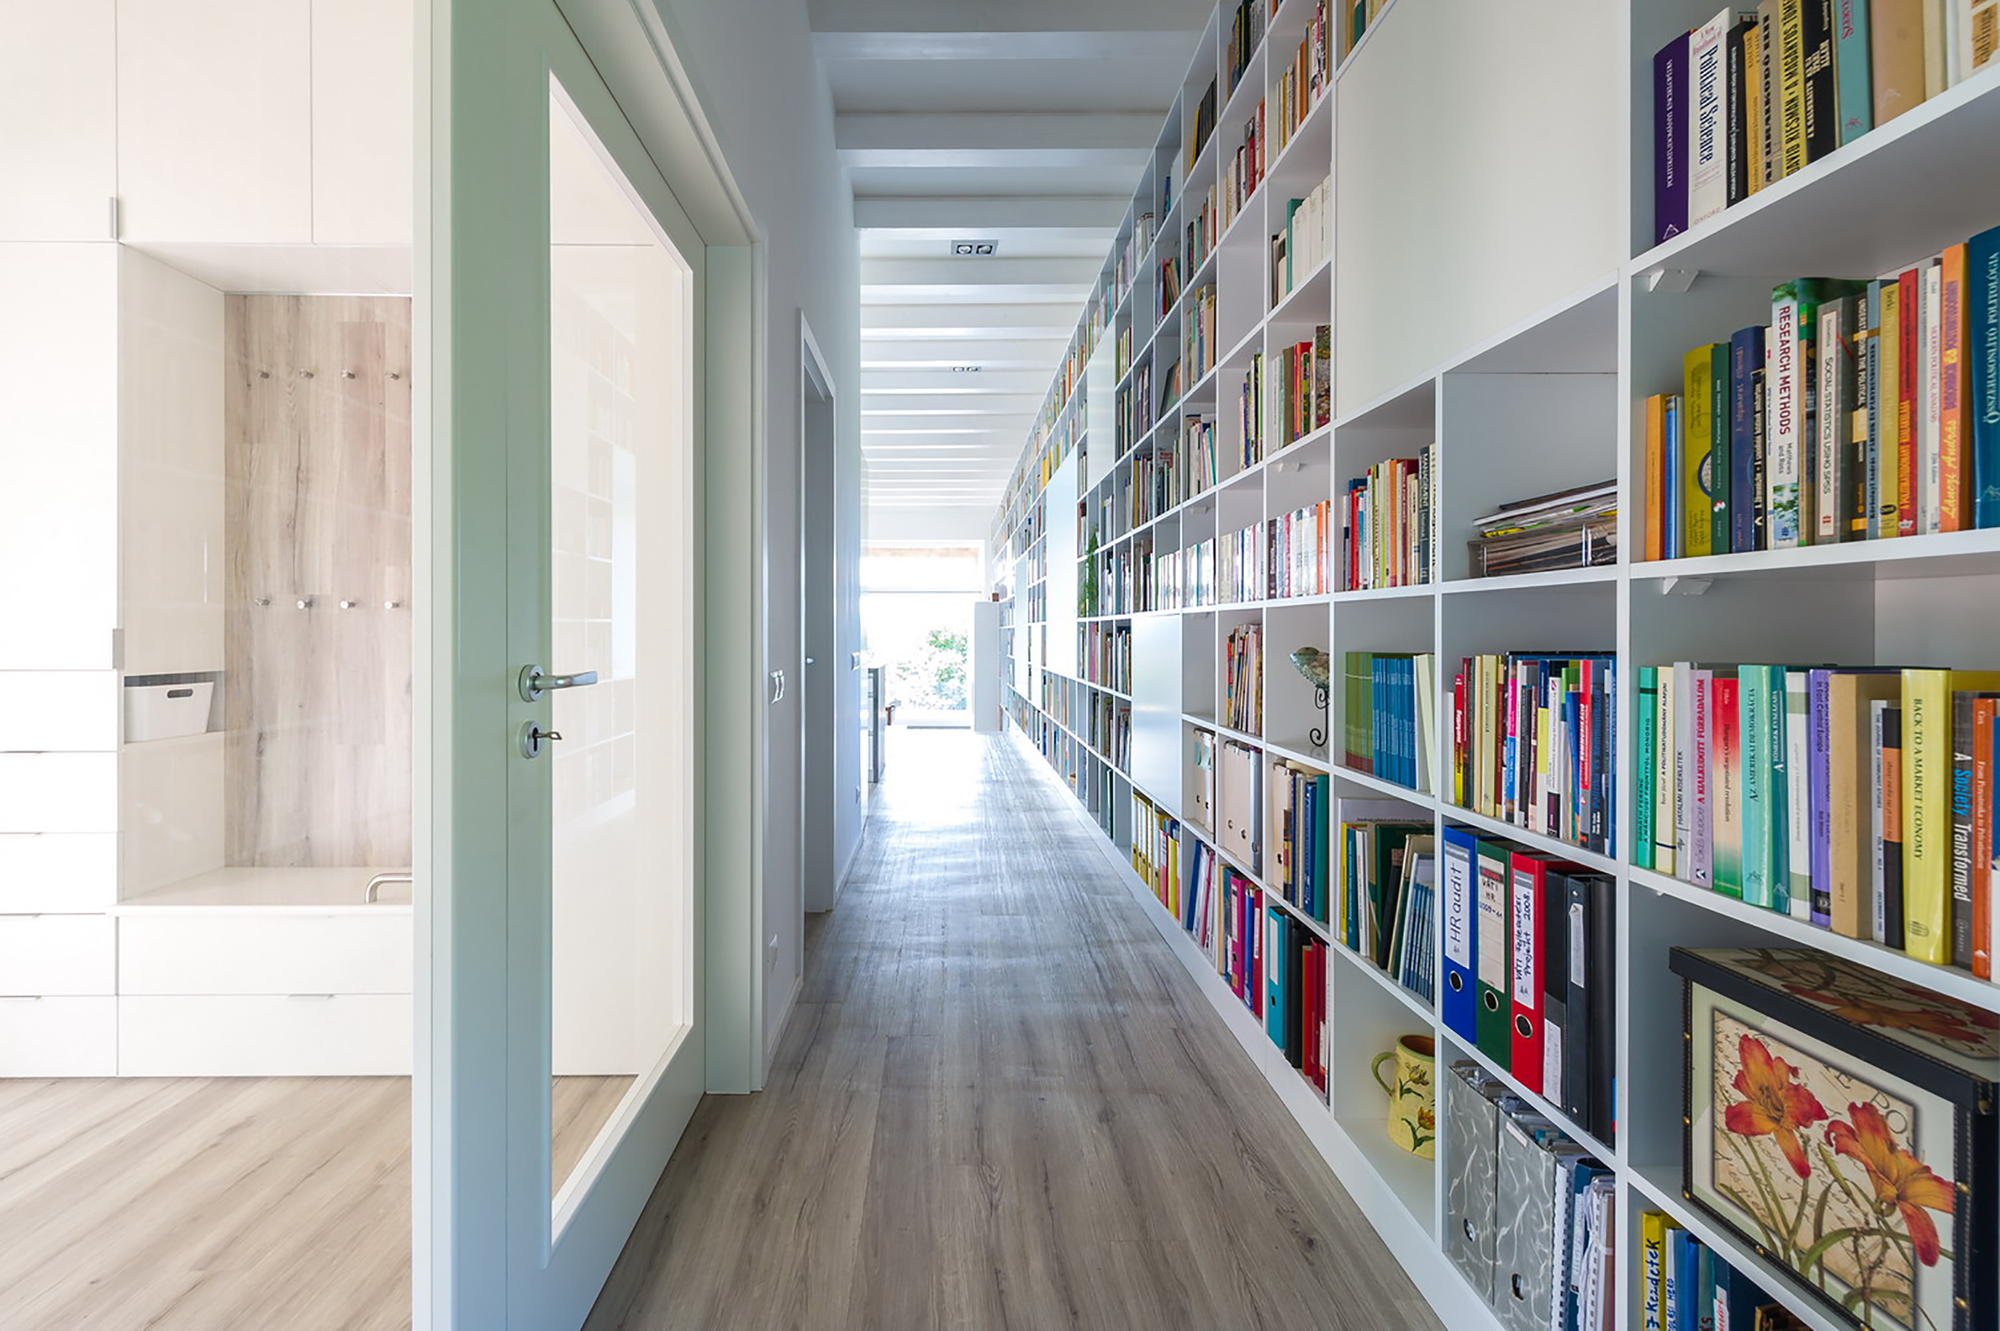 17_m_long_bookshelf.jpg